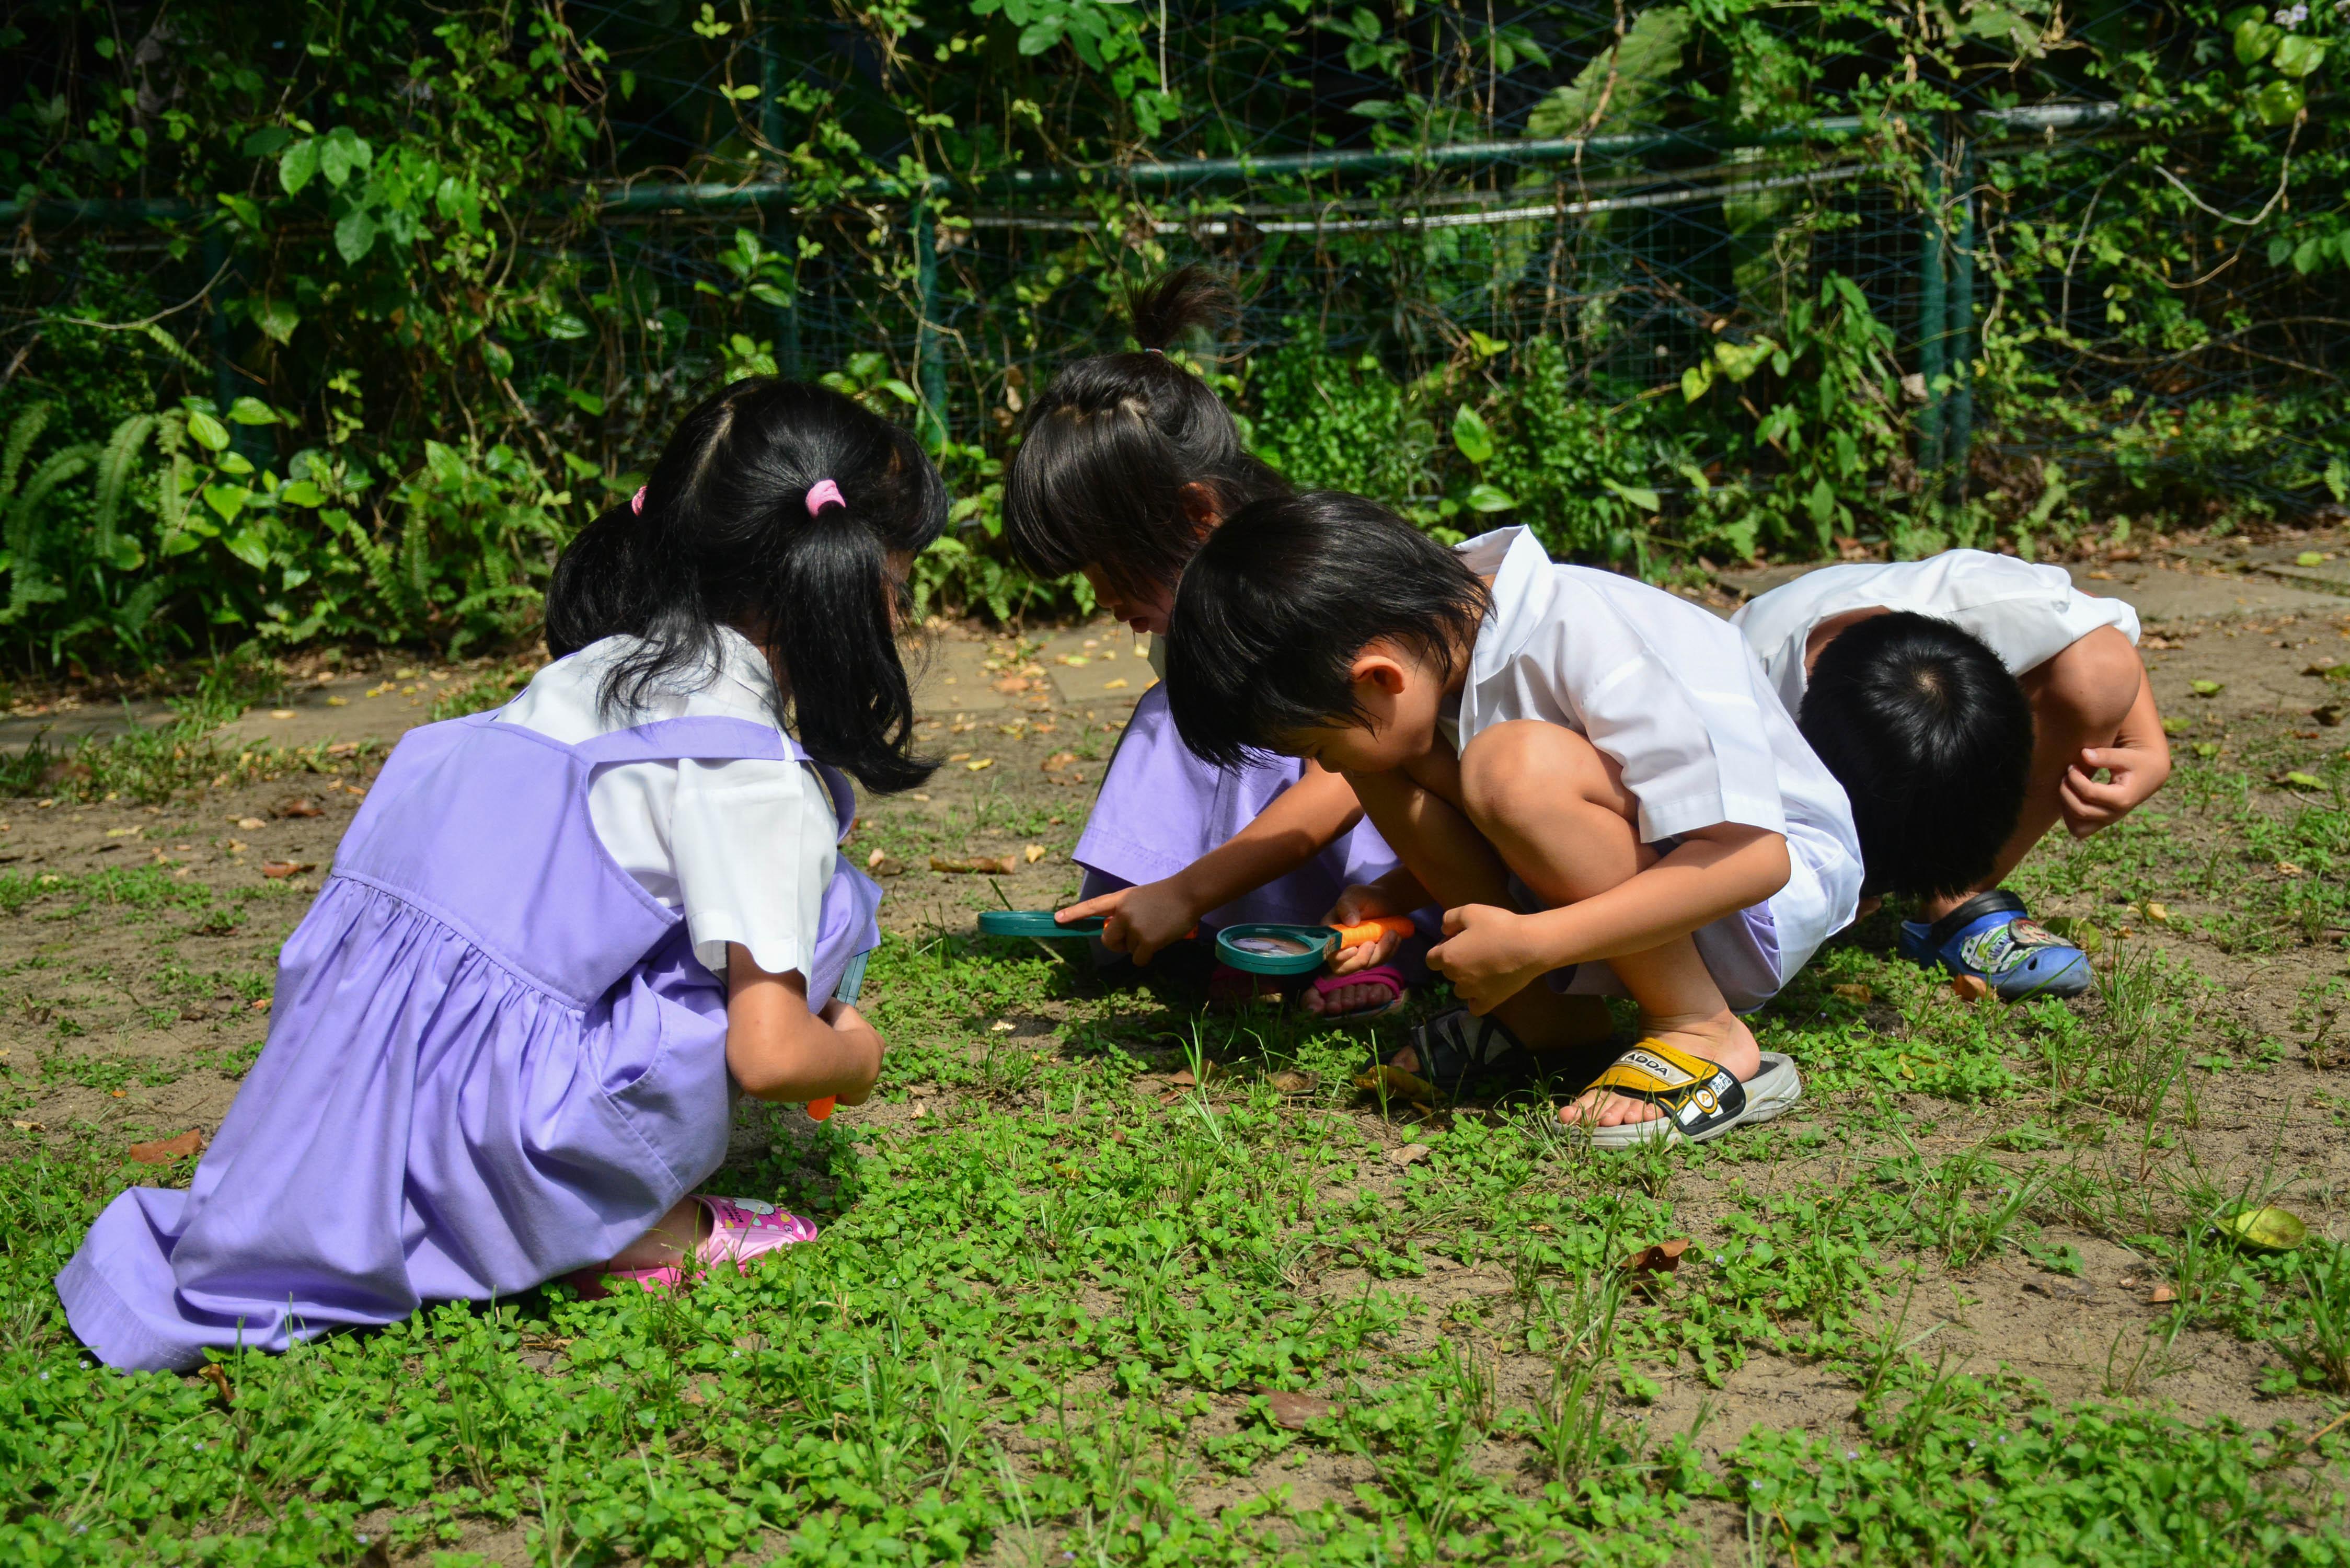 อนุบาล ๓ กับวันแรกของ บทเรียนธรรมชาติ